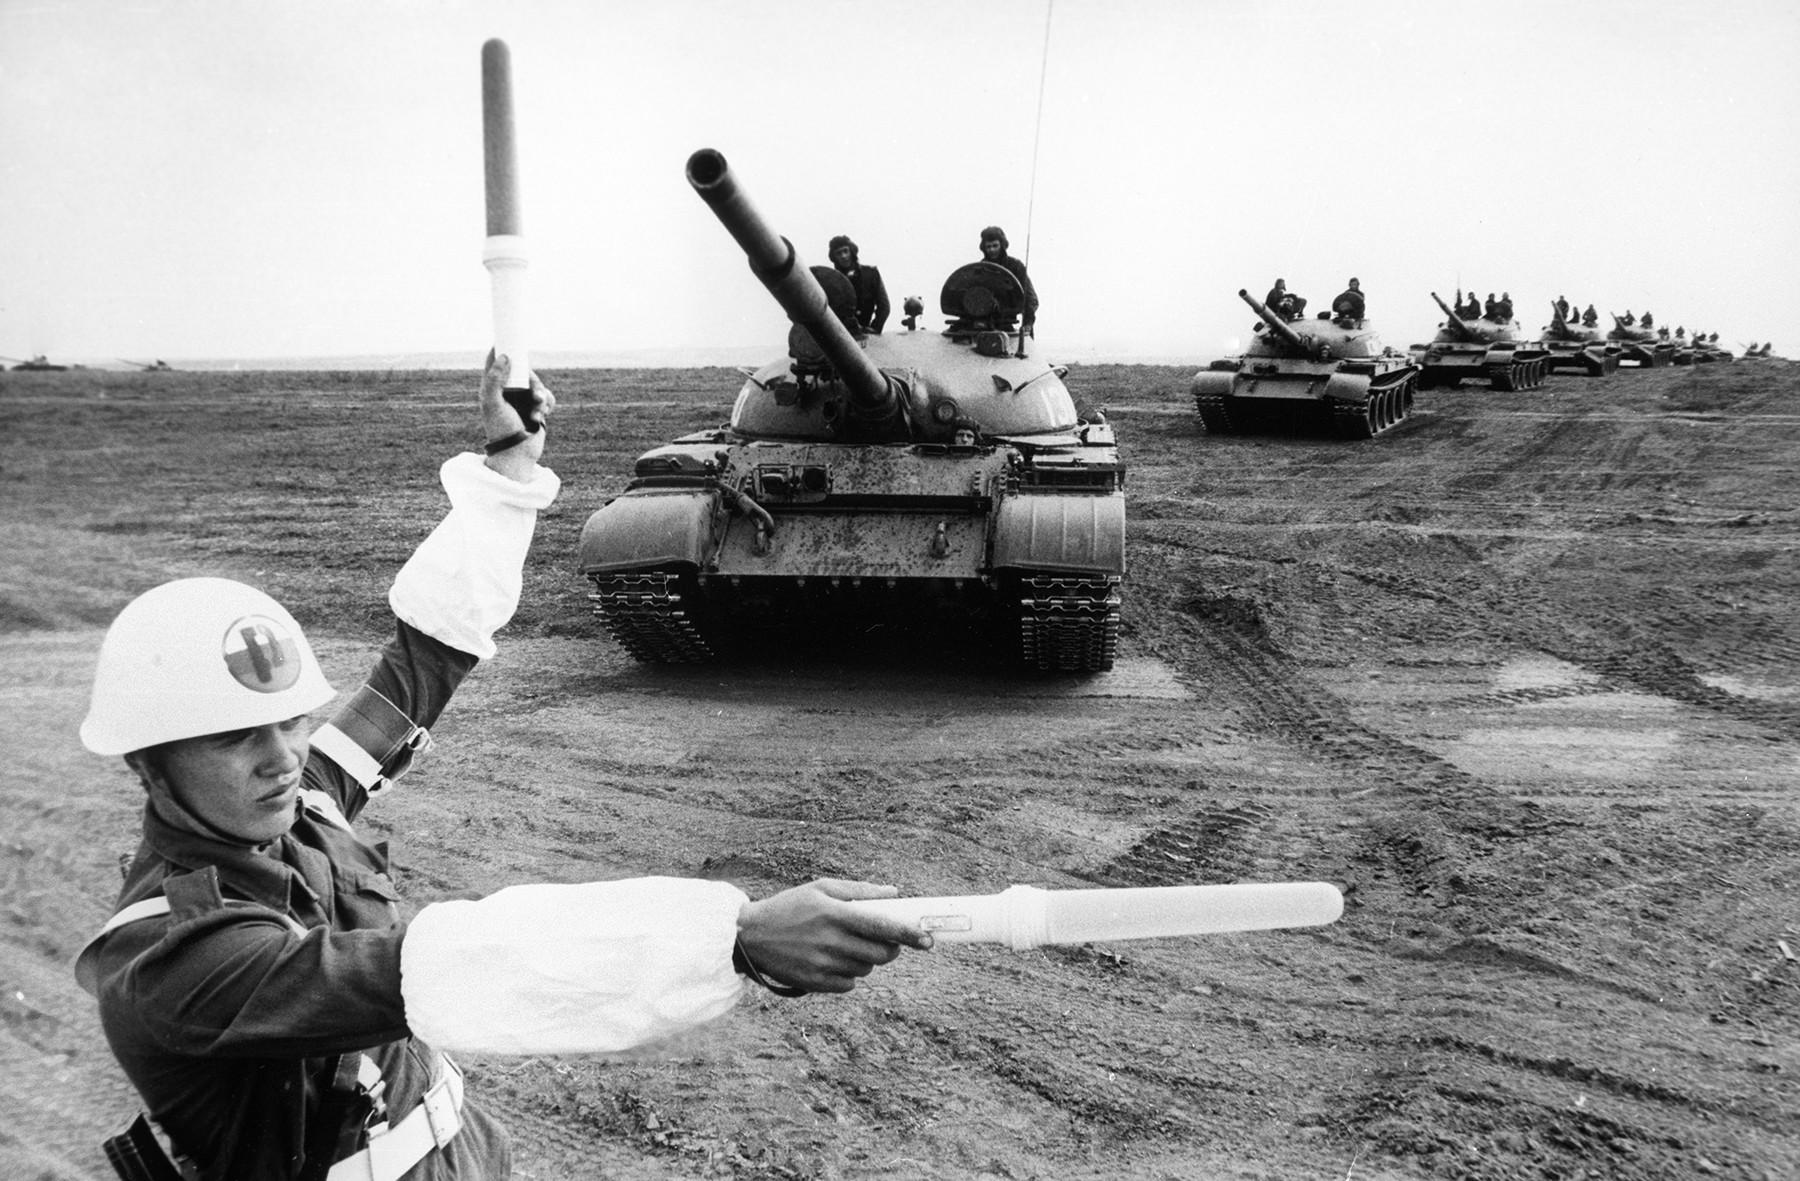 Pripadnik Bolgarske ljudske armade M. Stavrev na skupnih vajah Ščit-82 v Bolgariji jeseni 1982